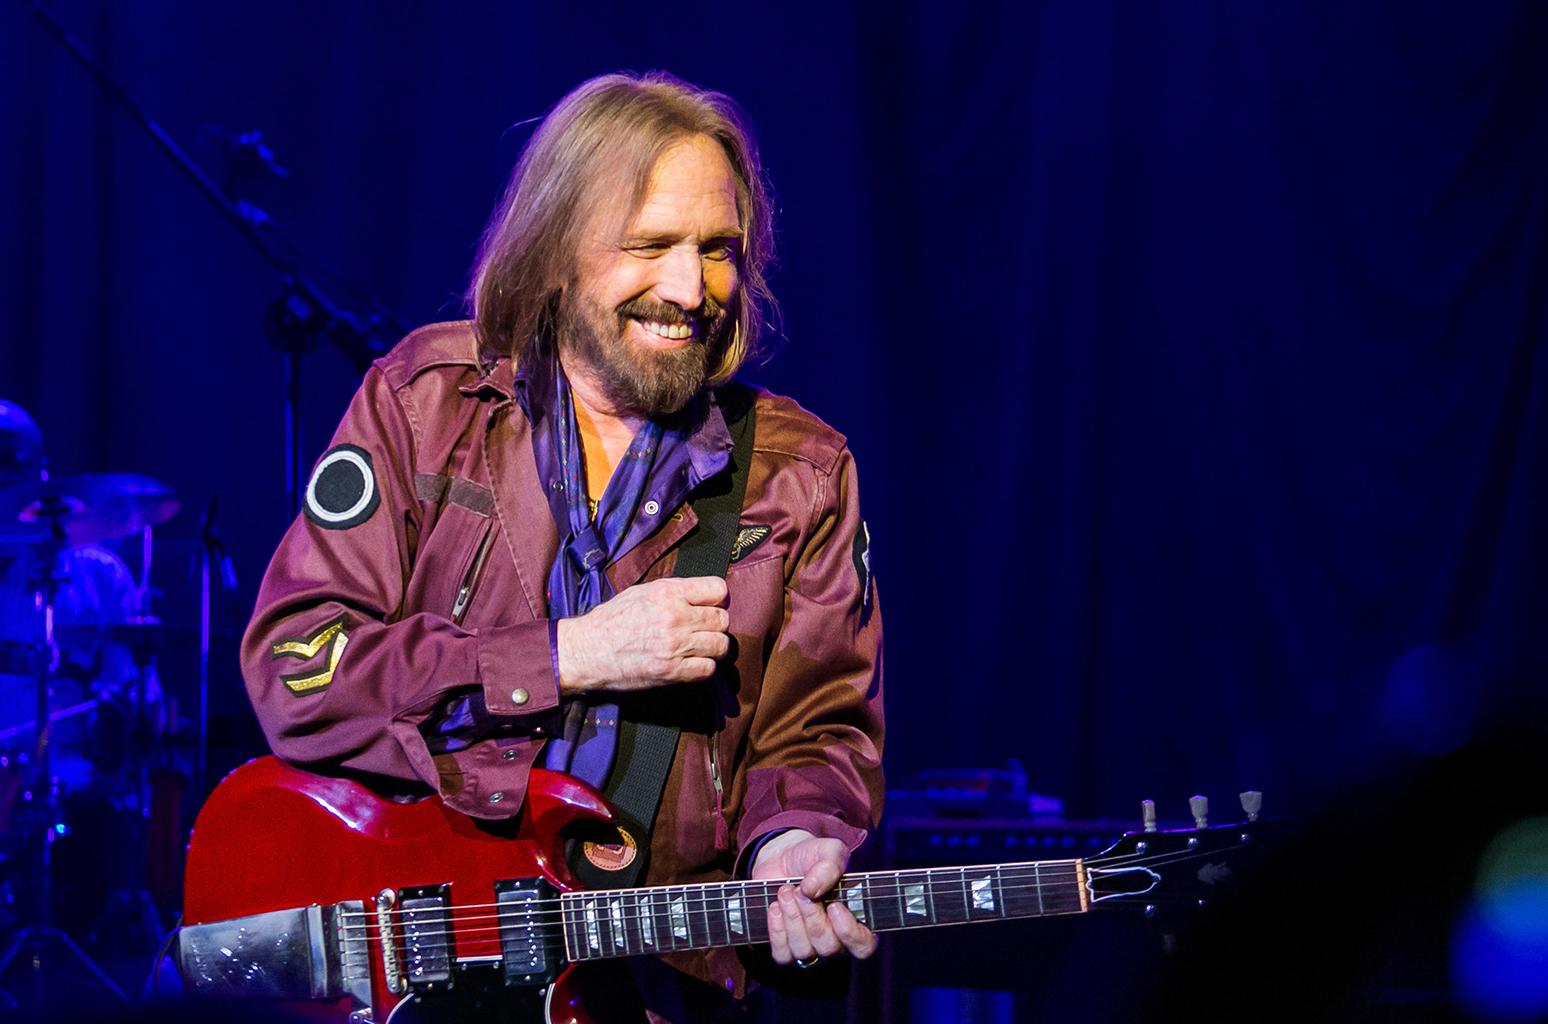 Plaat van de week: Tom Petty And The Heartbreakers – Gainesville